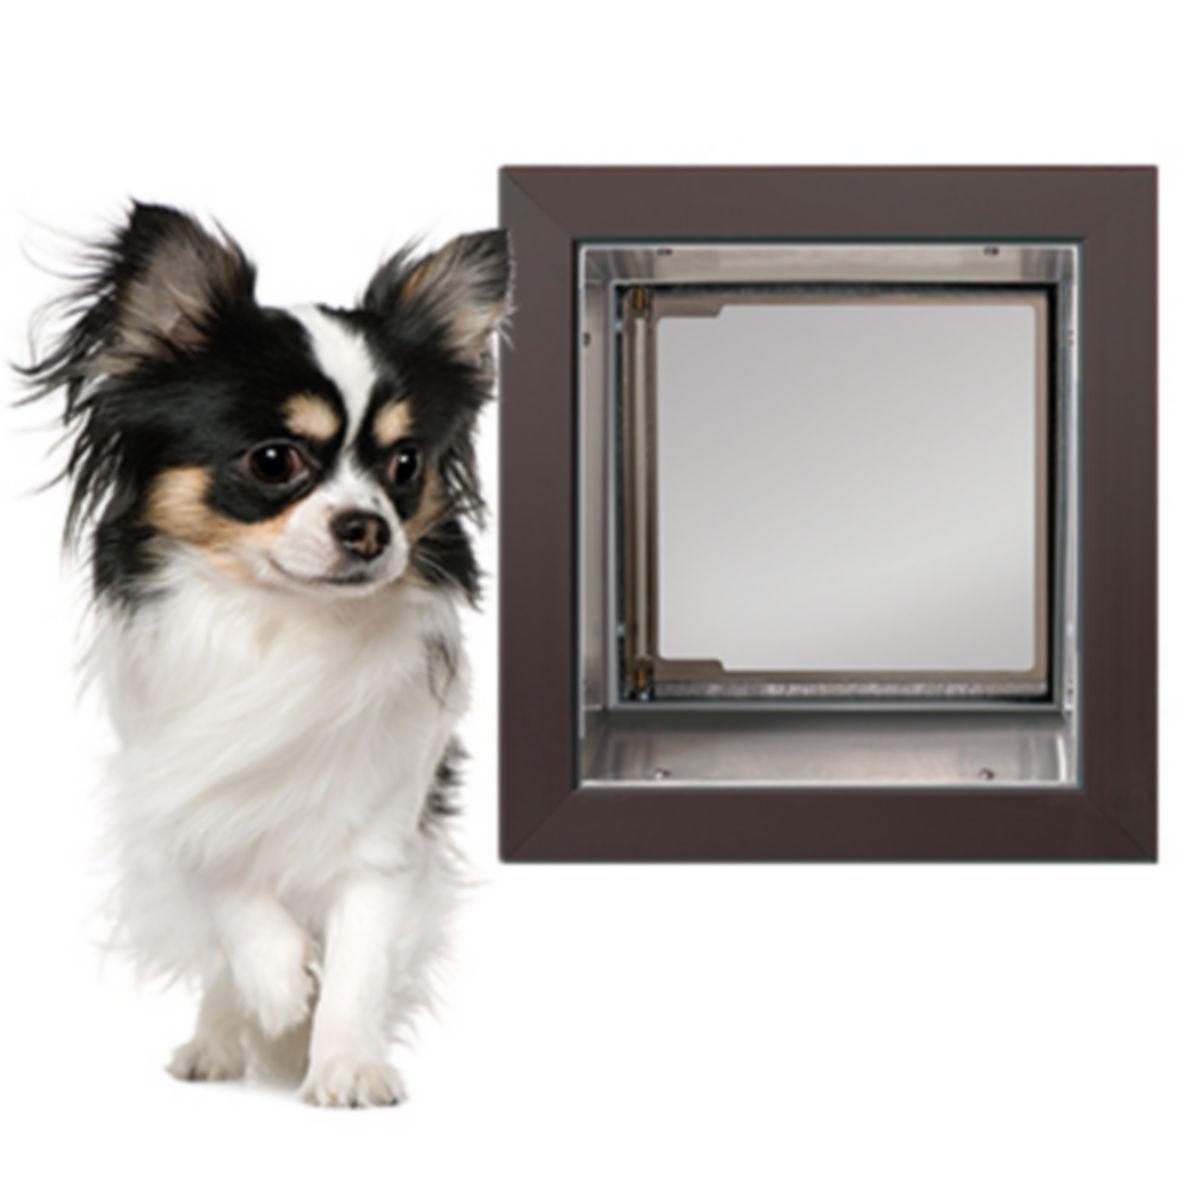 Wall-Mount Dog Door - image number 0